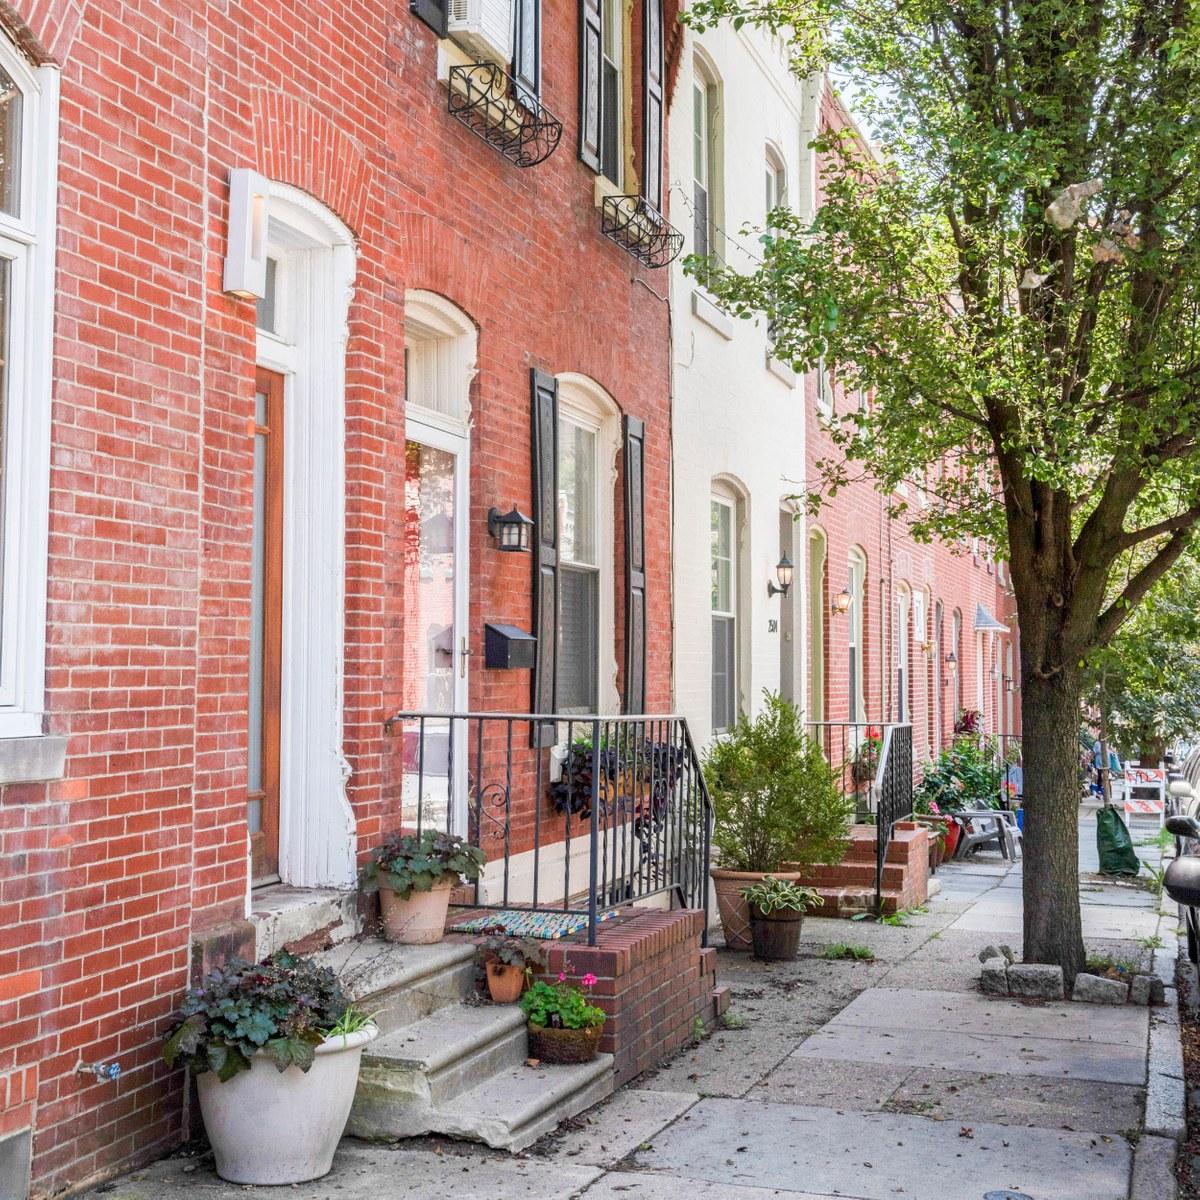 Local Com Homes For Rent: Fairmount, Philadelphia PA - Neighborhood Guide